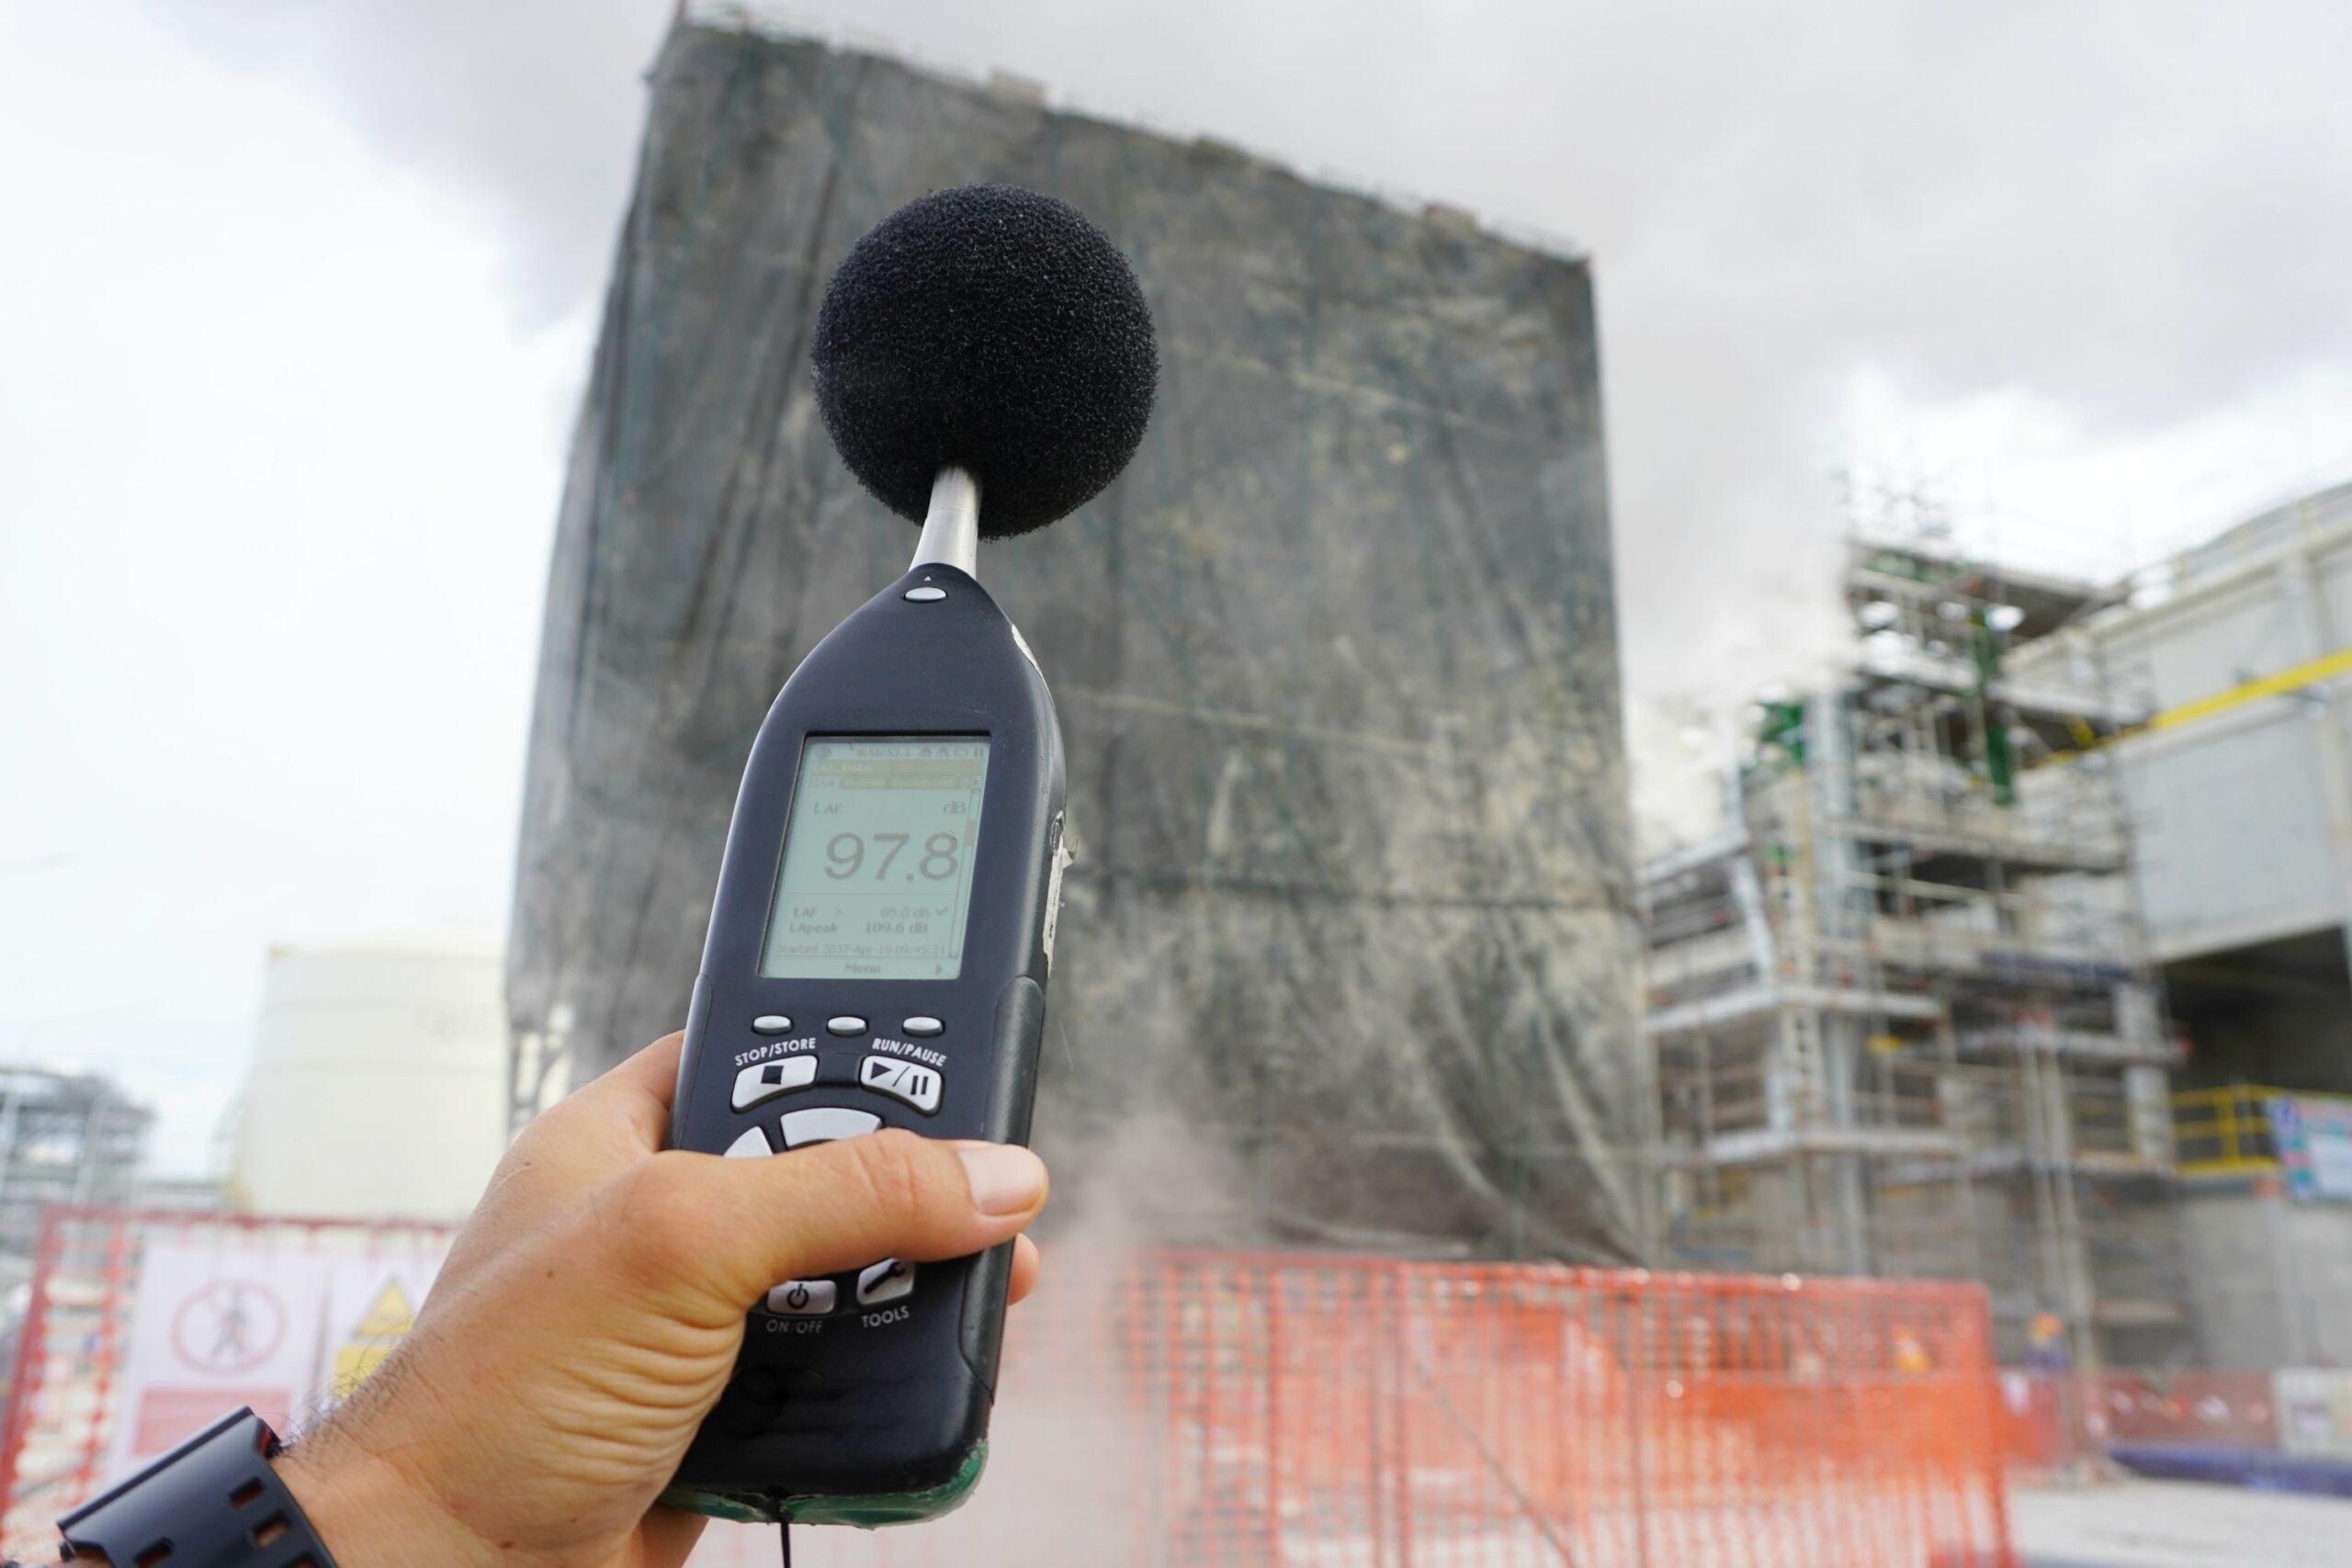 Çevresel Gürültü Ölçümü Nedir